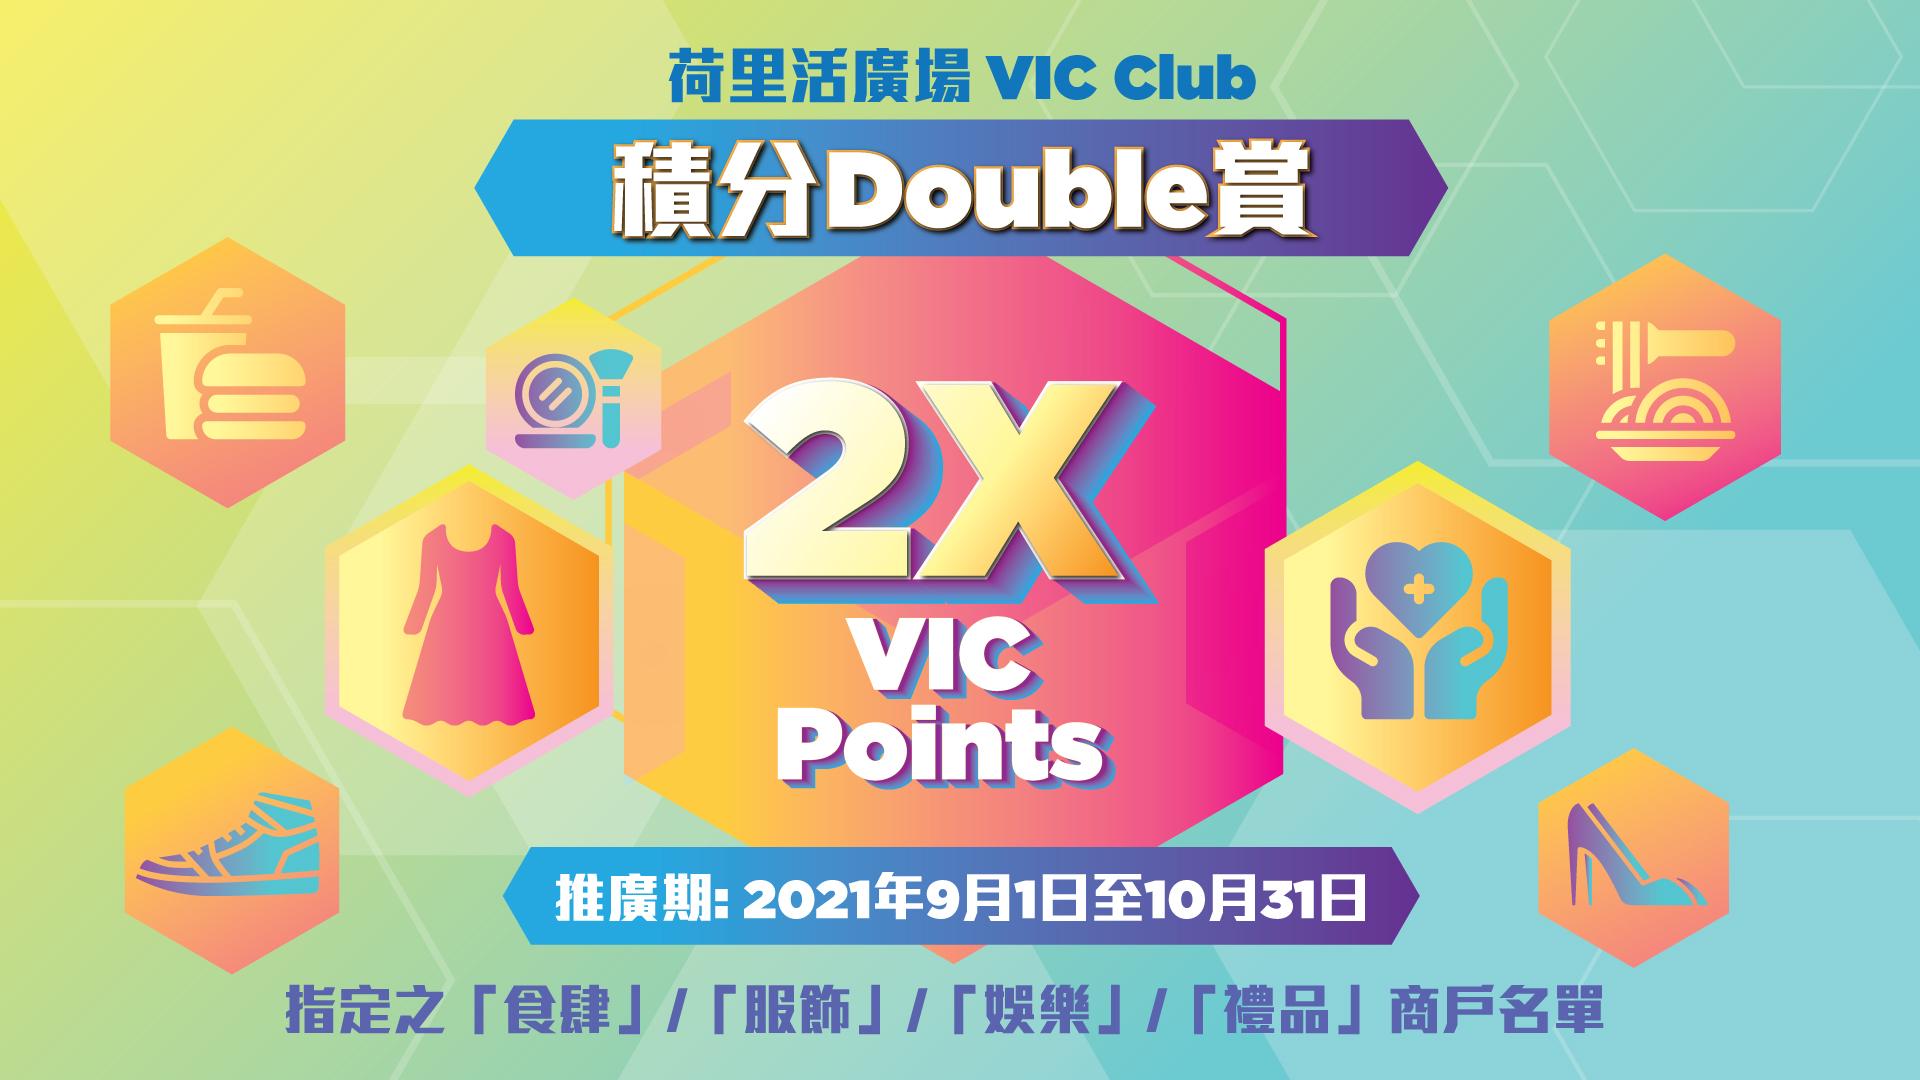 積分 Double 賞 (9-10 月) - 商戶名單